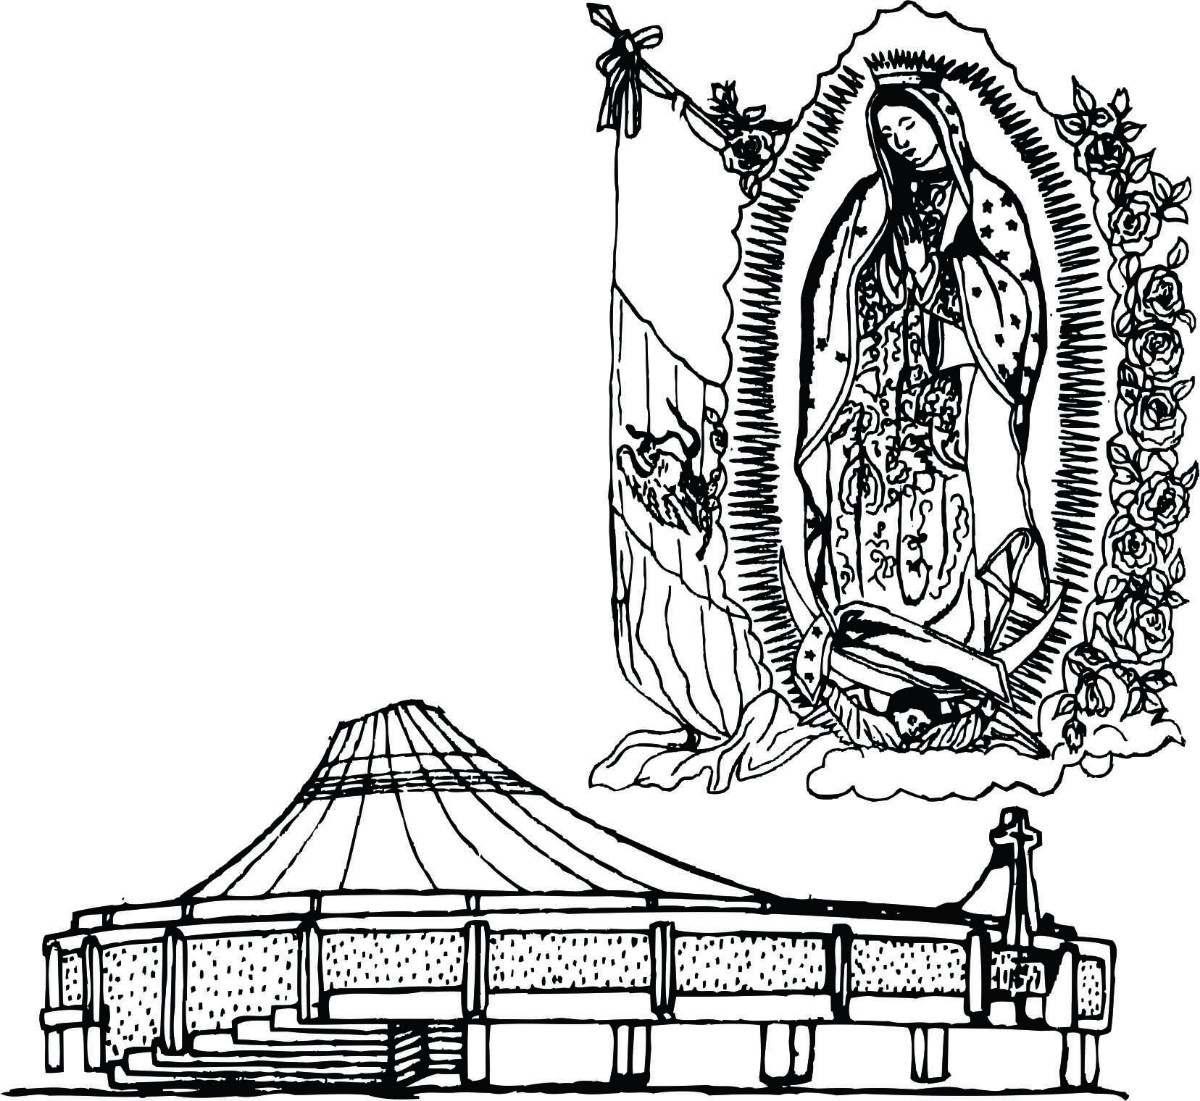 Imagenes Religiosas Vectorizadas Religion Vectores Eex